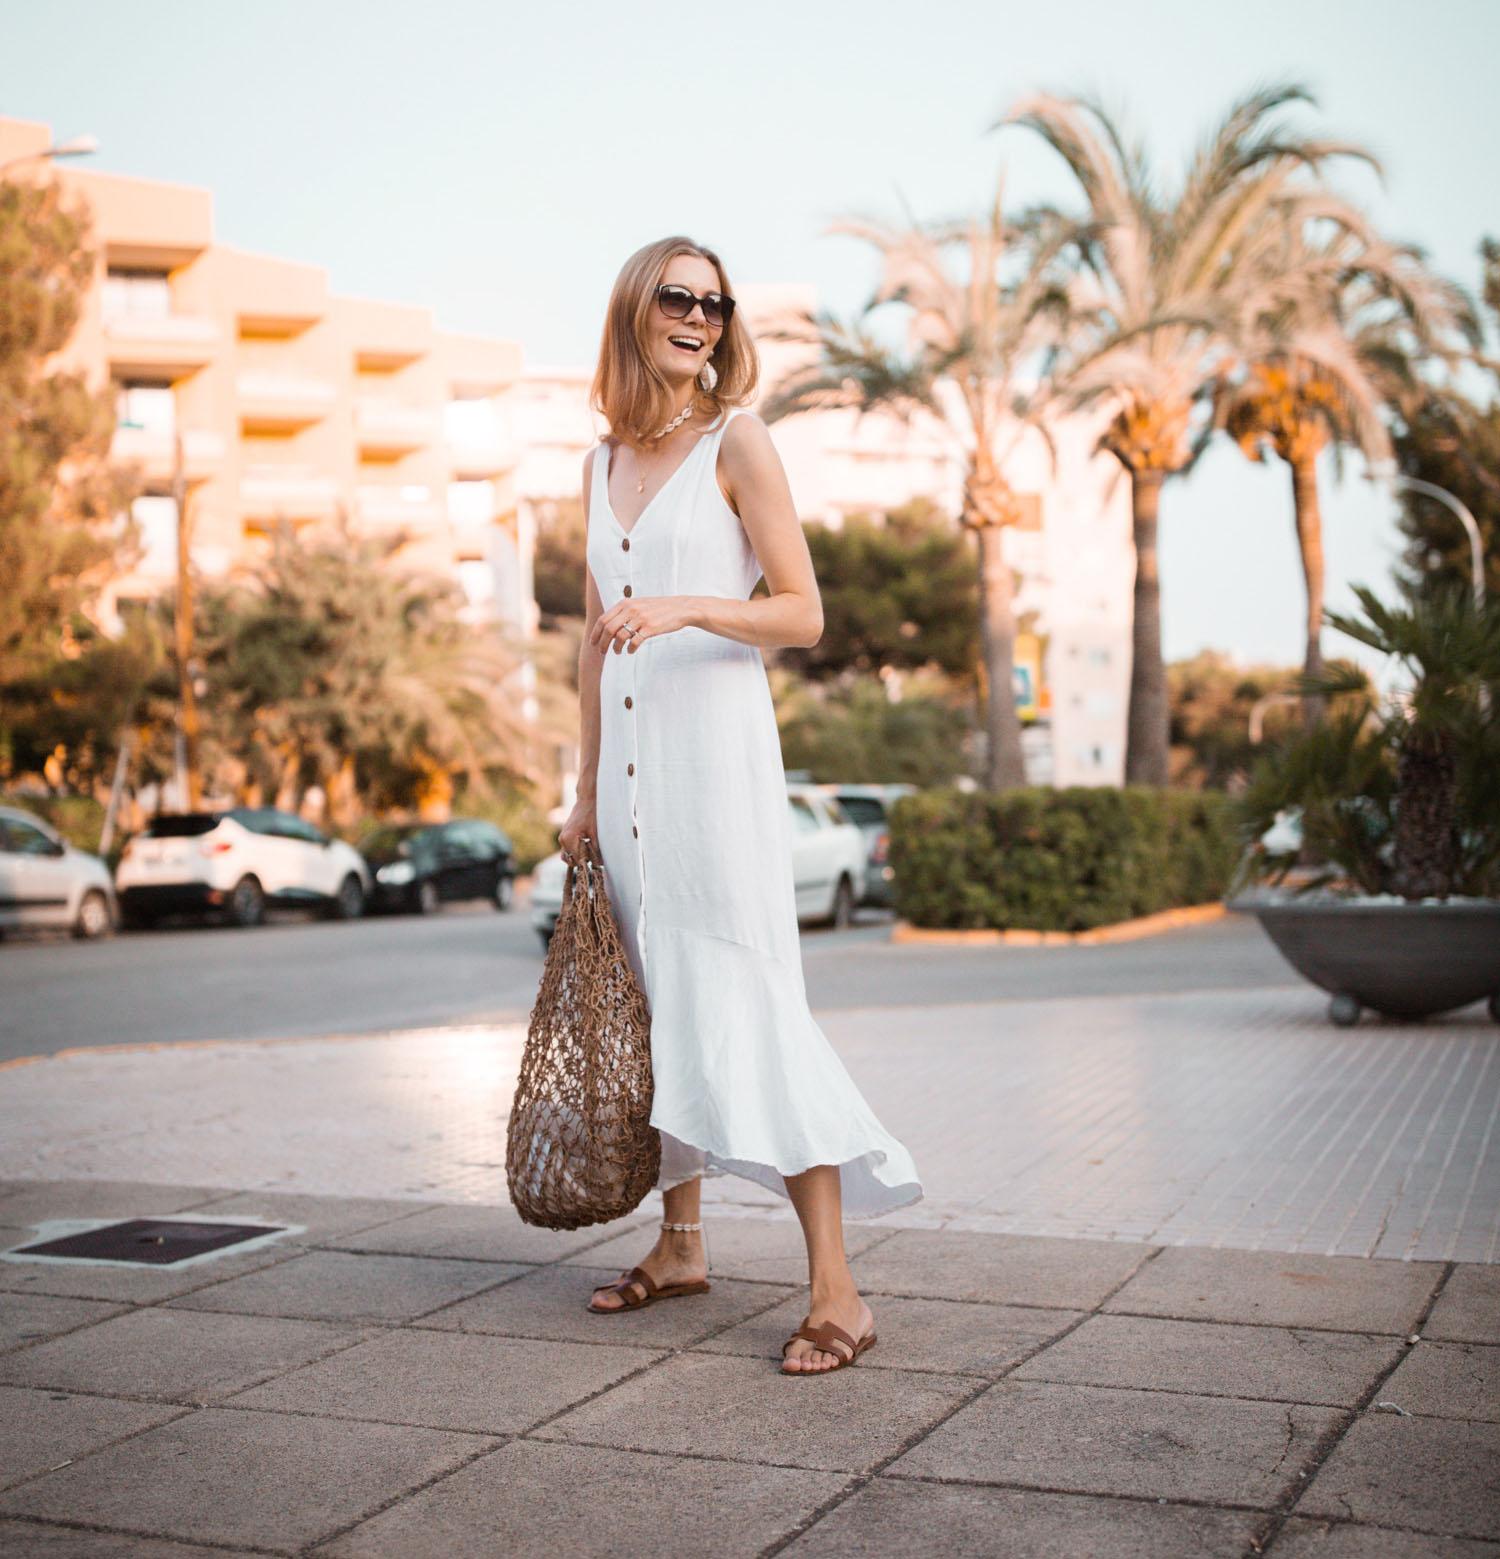 hvid-kjole-hoer